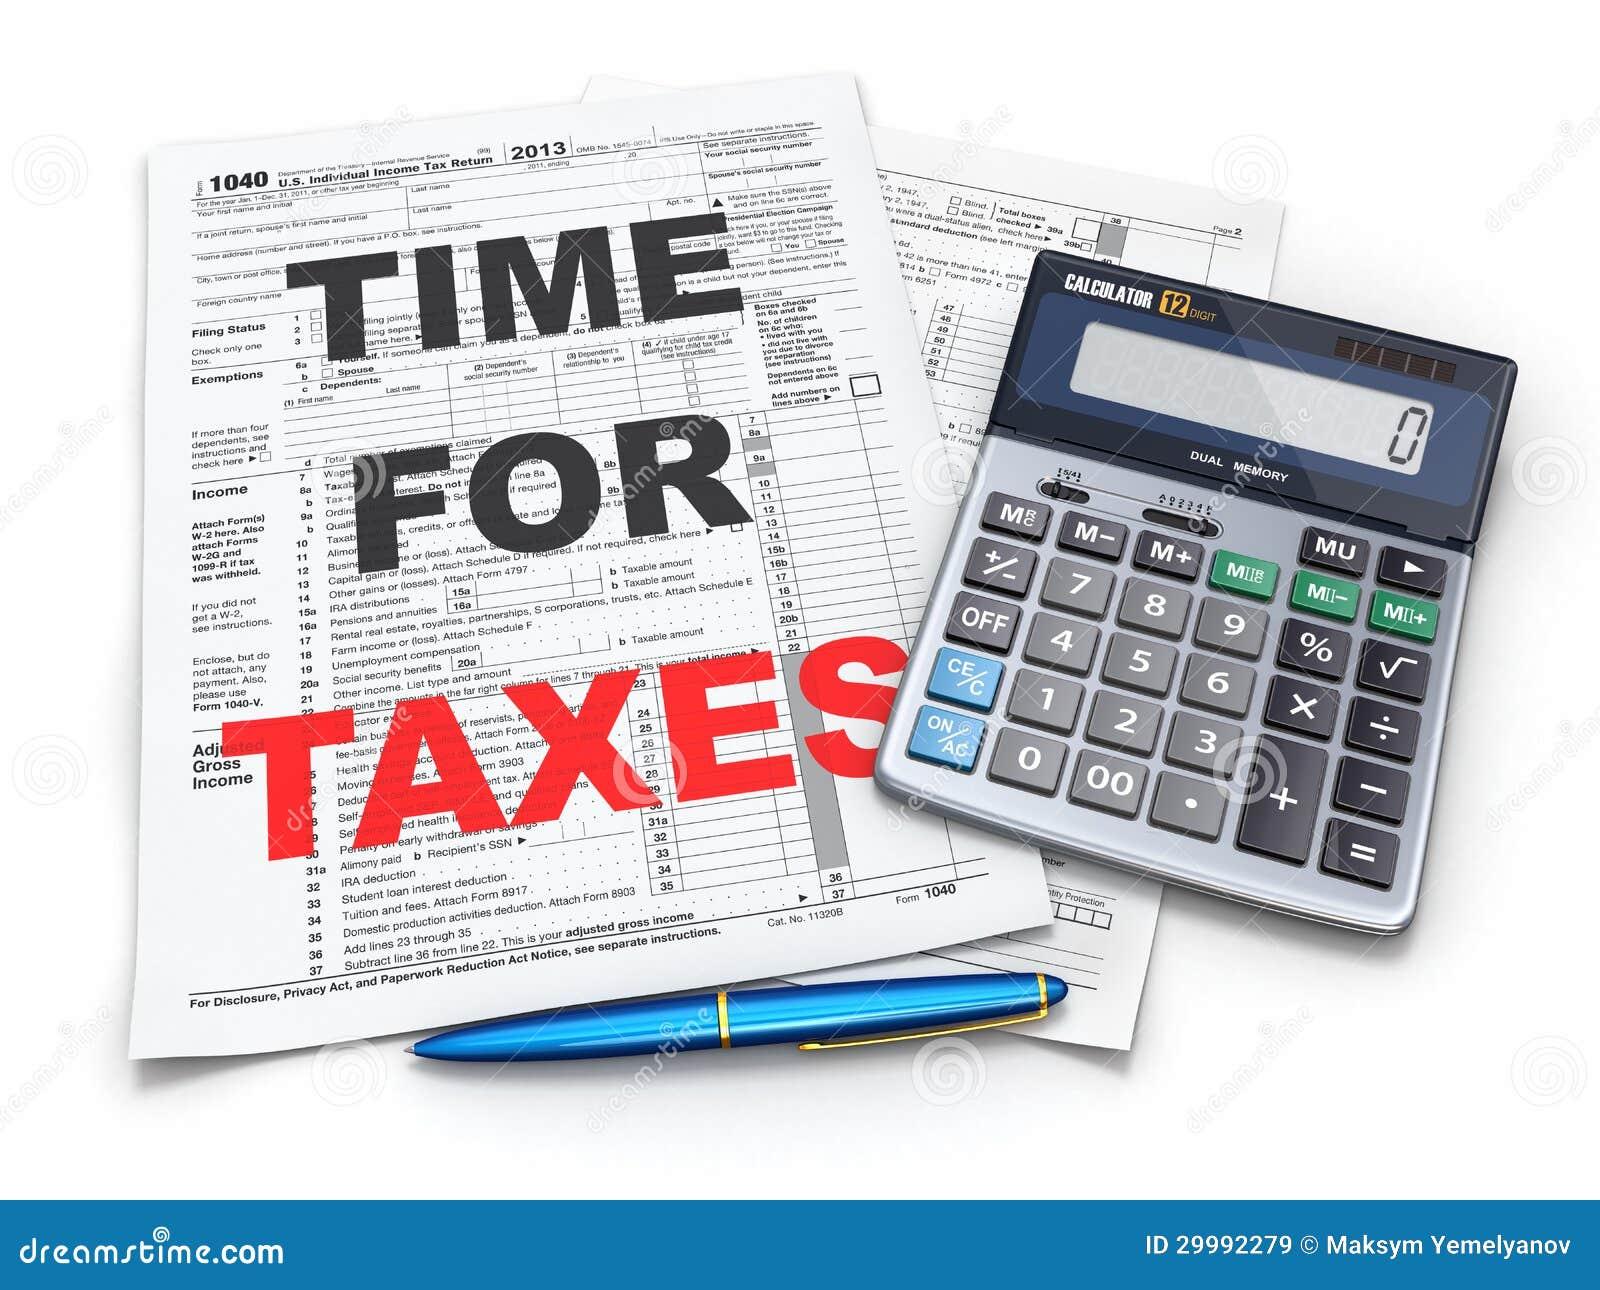 Tax Return Calcu...H And R Block Tax Estimator